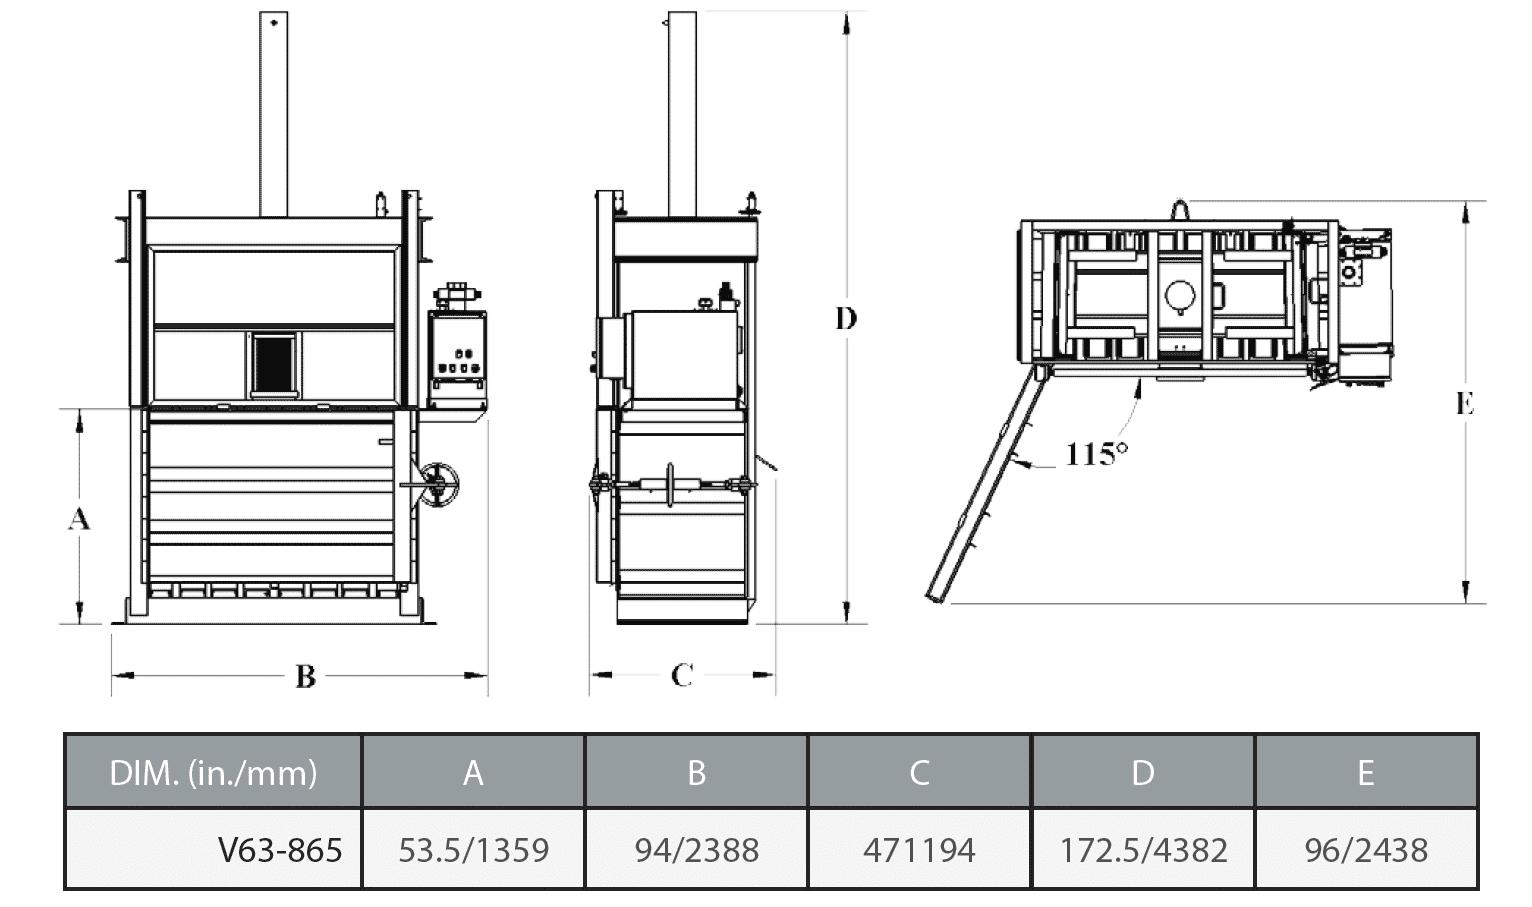 V63 865 Bace